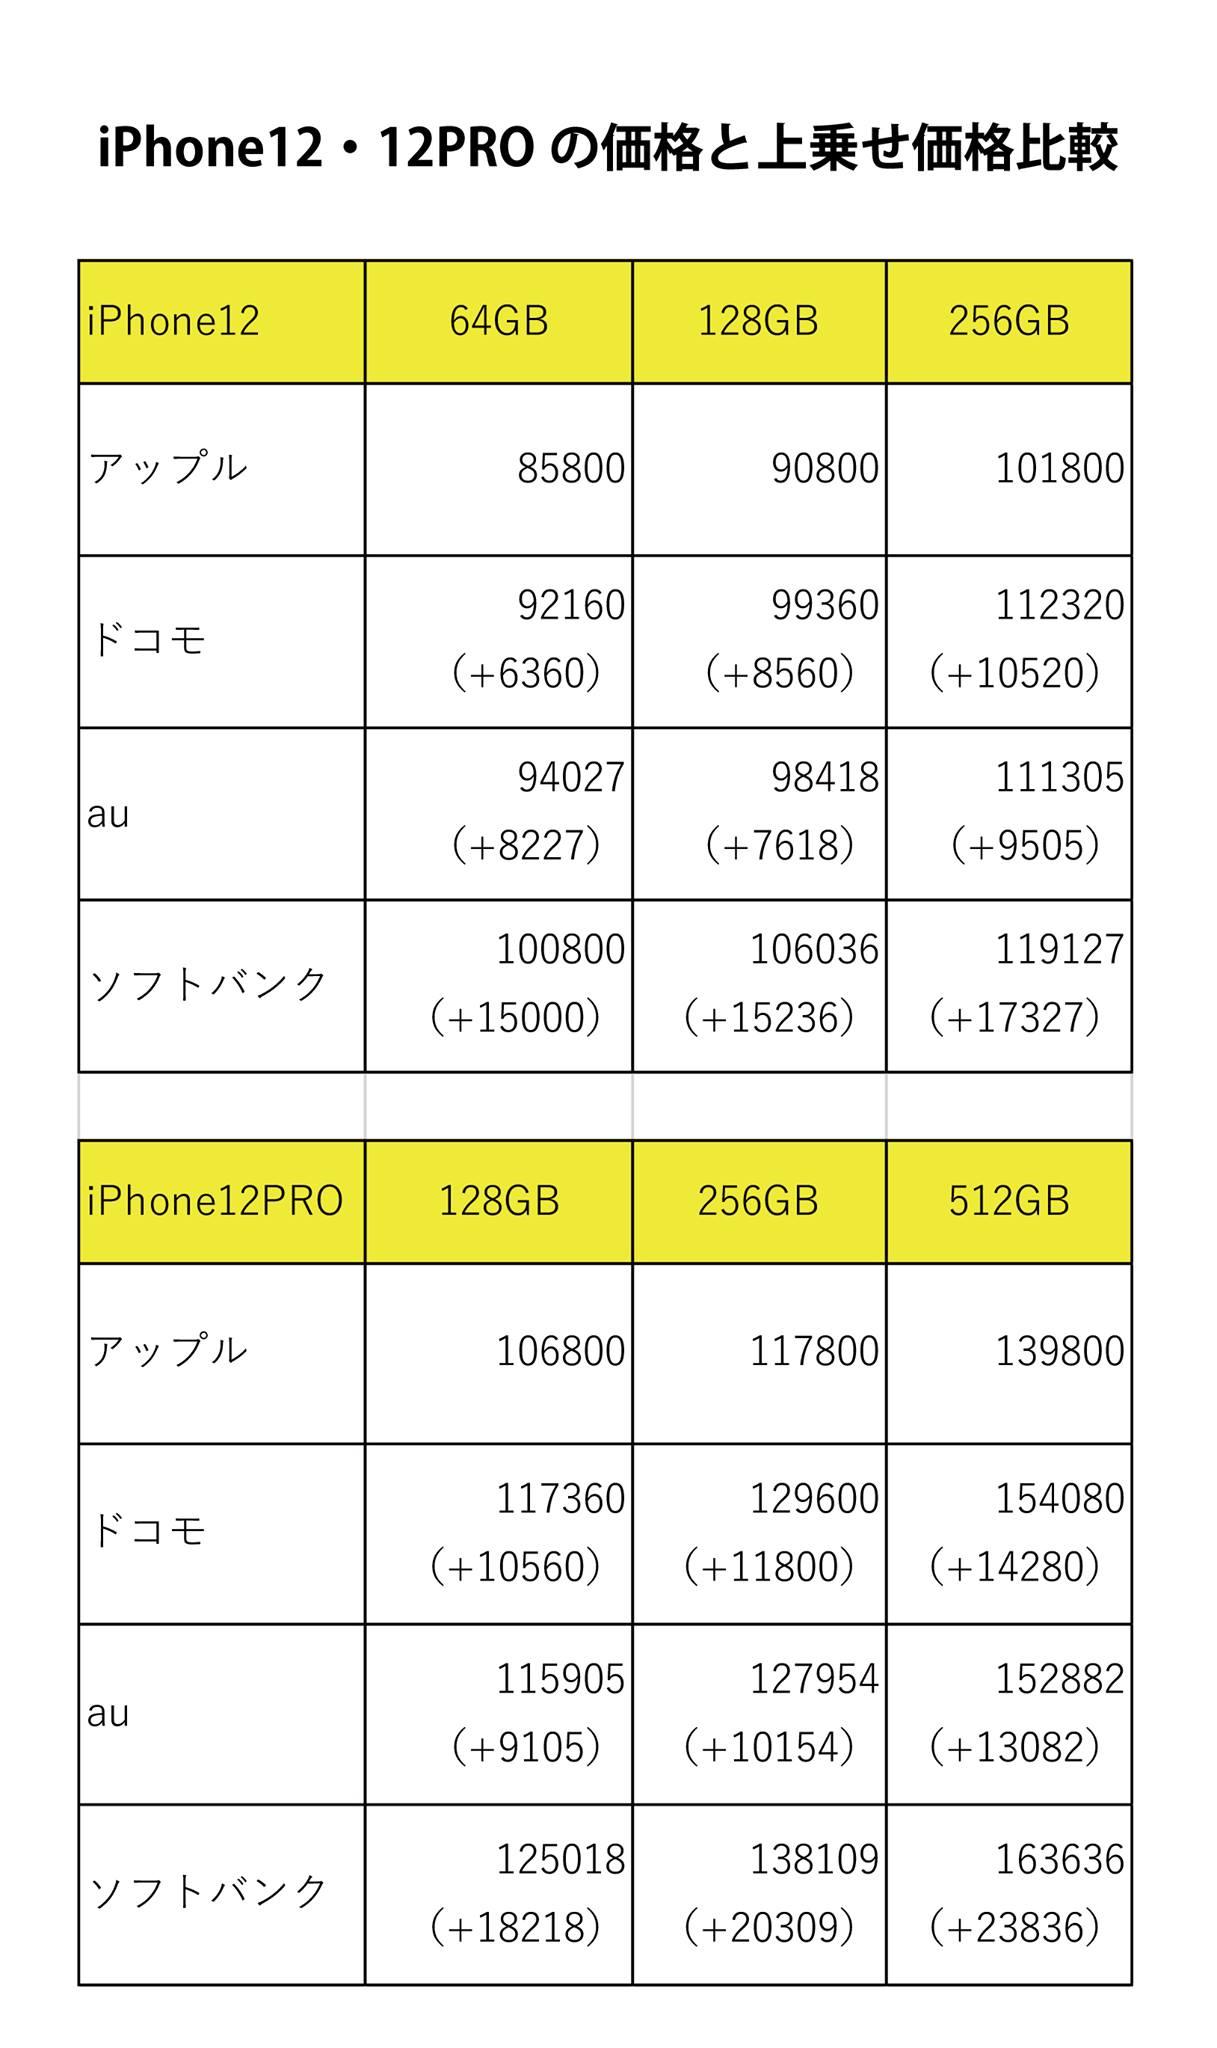 iPhone12PRO 512GBで見ると定価の13000~23800円の上乗せ価格に・・・(^_^;)